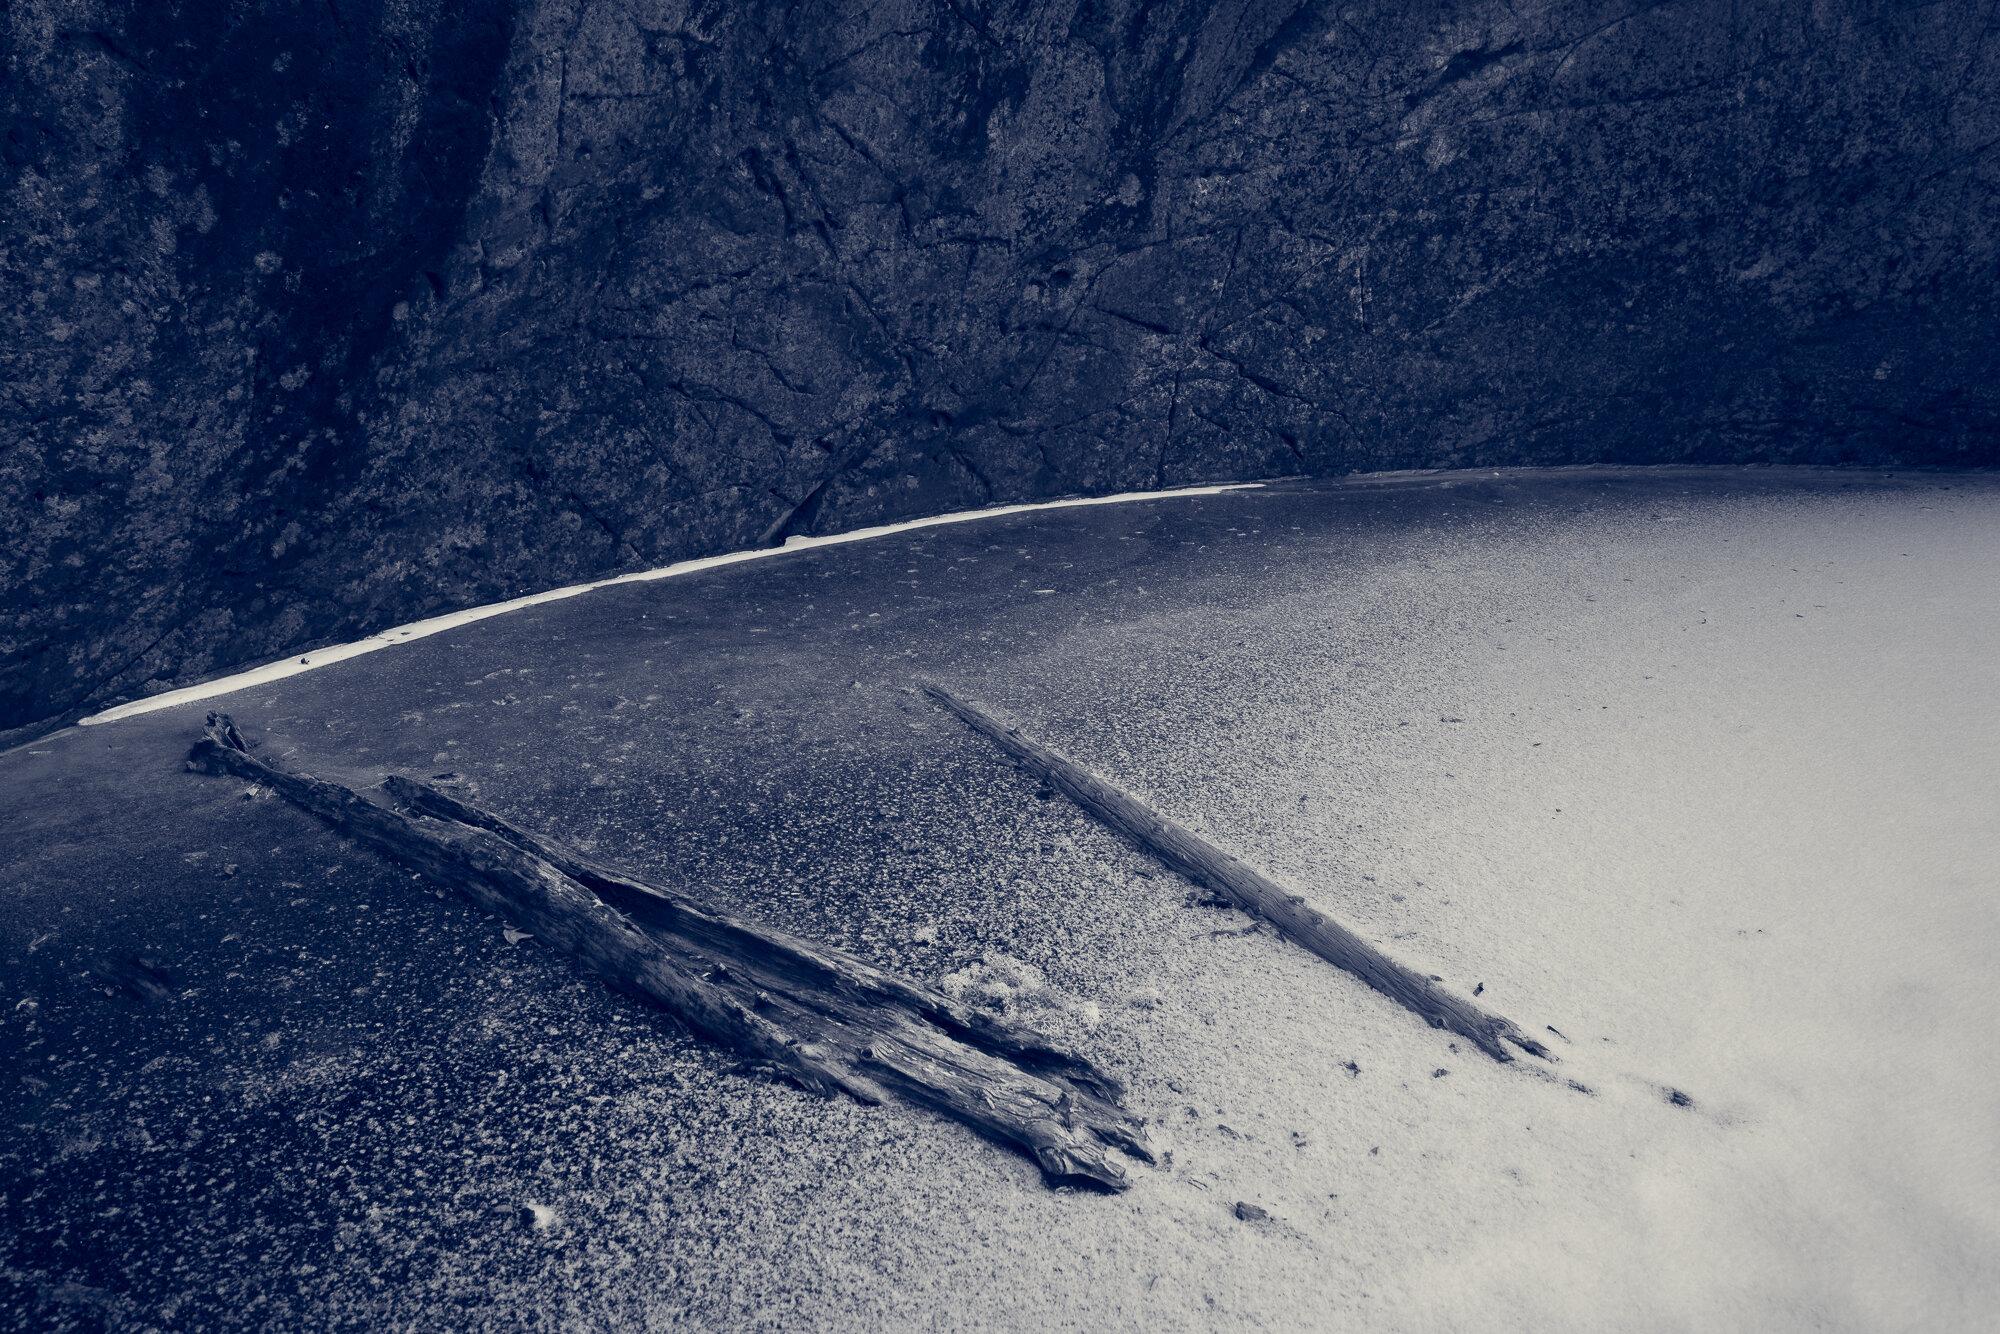 Helvete-_DSC7155-©Bjørn Joachimsen.jpg